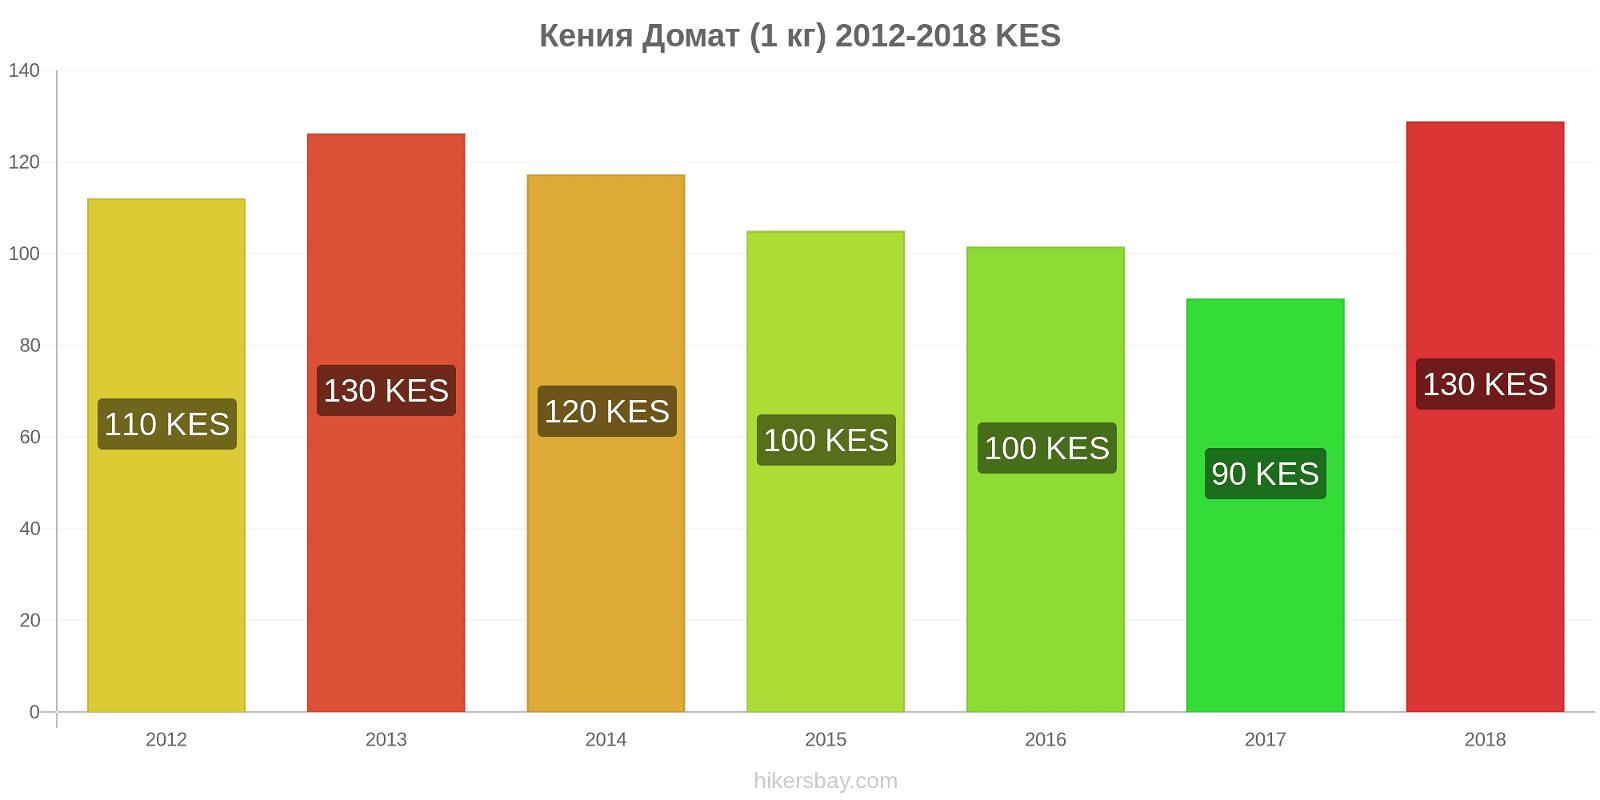 Кения ценови промени Домат (1 кг) hikersbay.com